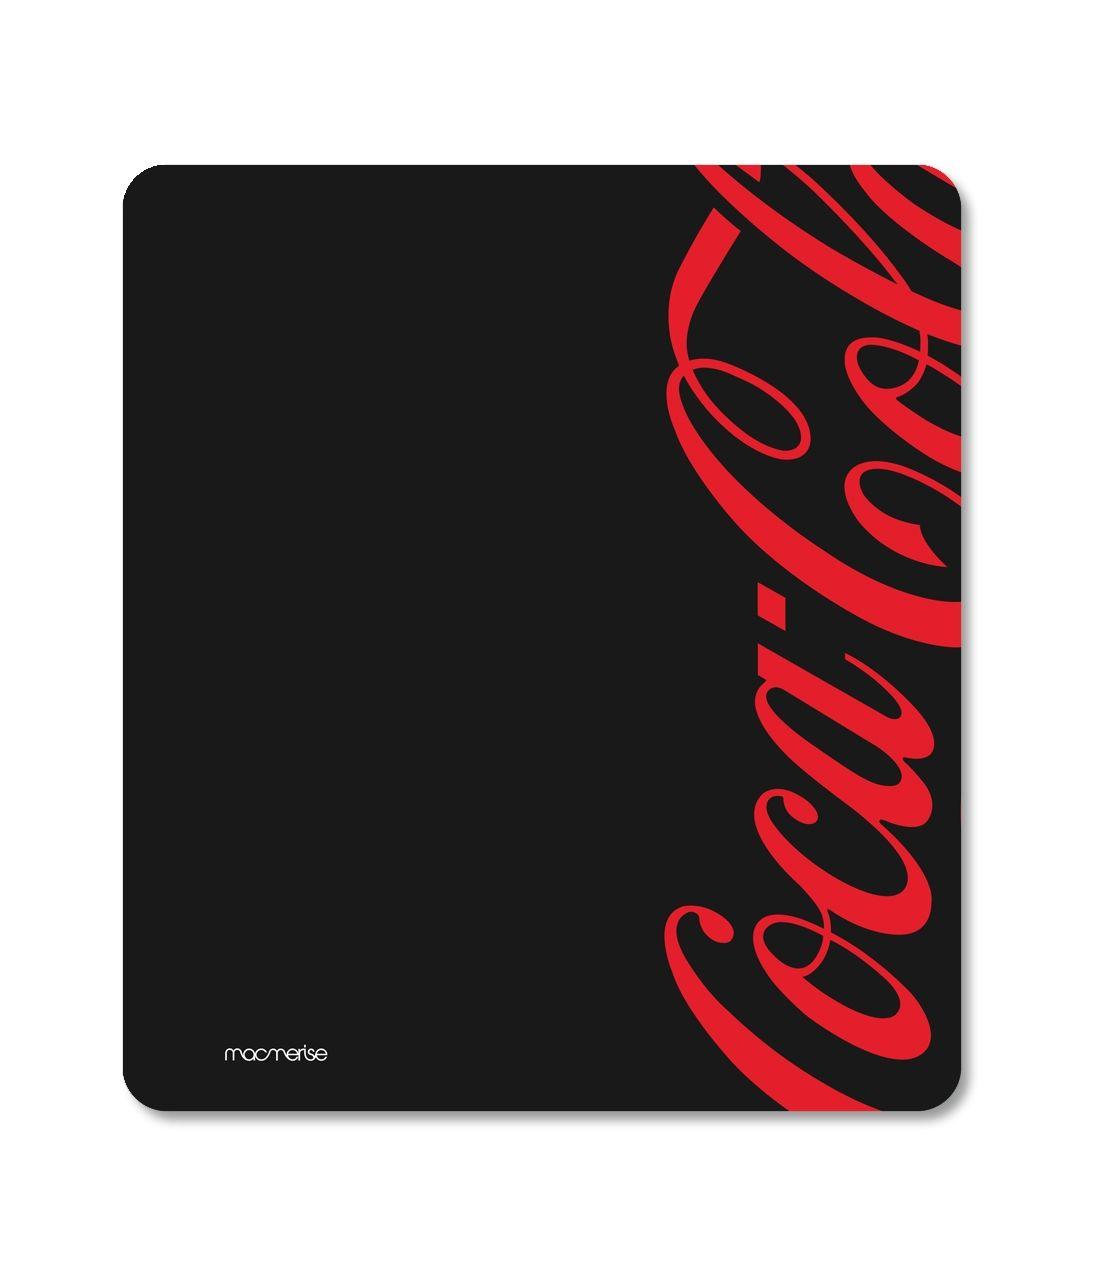 Coke Black Red - Macmerise Mouse Pad